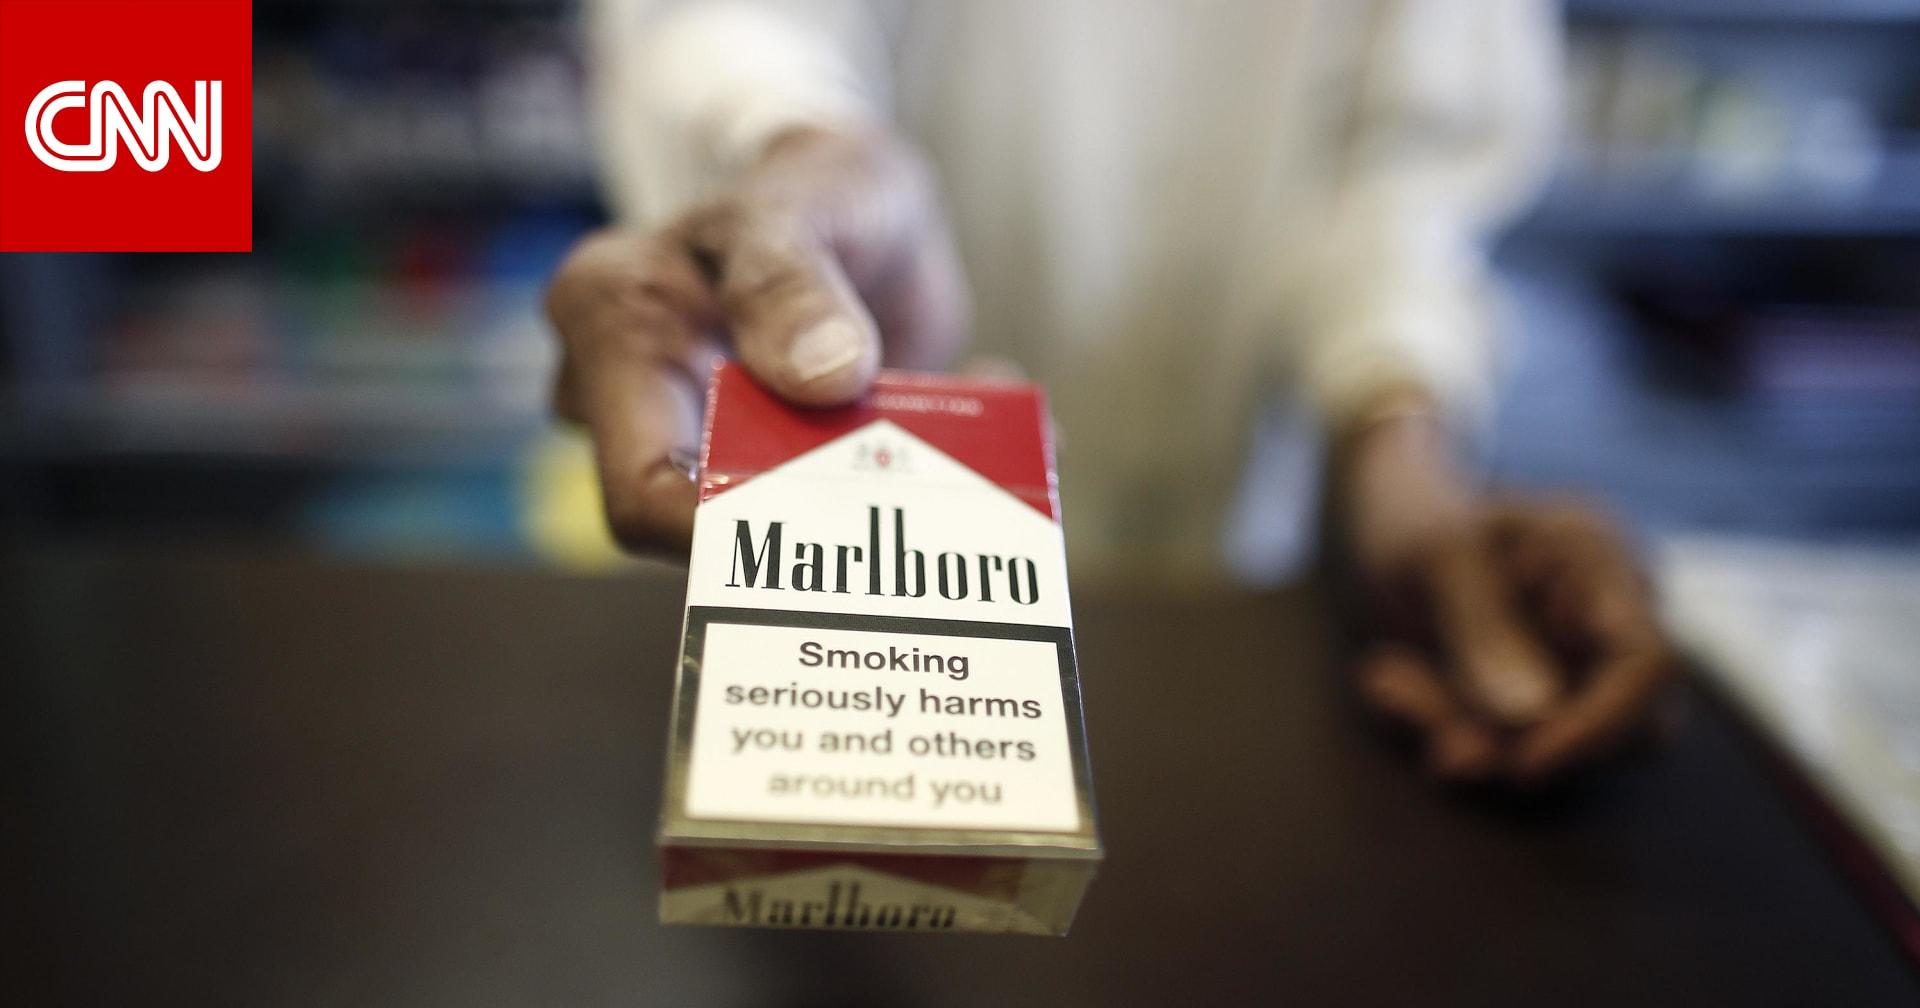 """الشركة المصنعة لـ""""مارلبورو"""" تريد حظر السجائر في المملكة المتحدة بحلول عام 2030"""